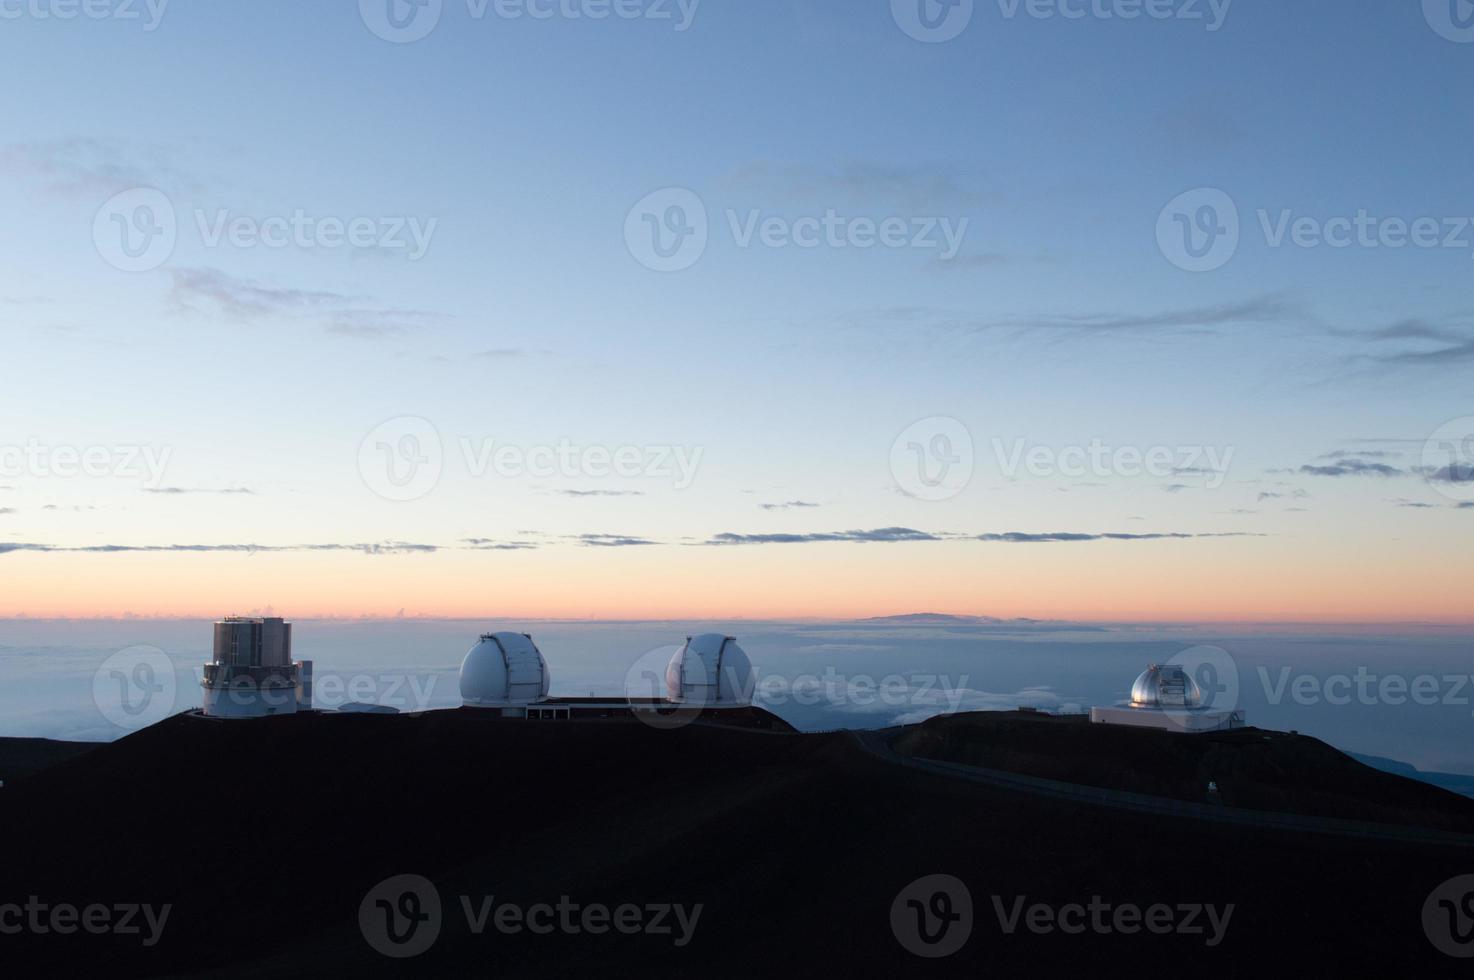 Riesen-Weltraumteleskop Hawaii foto